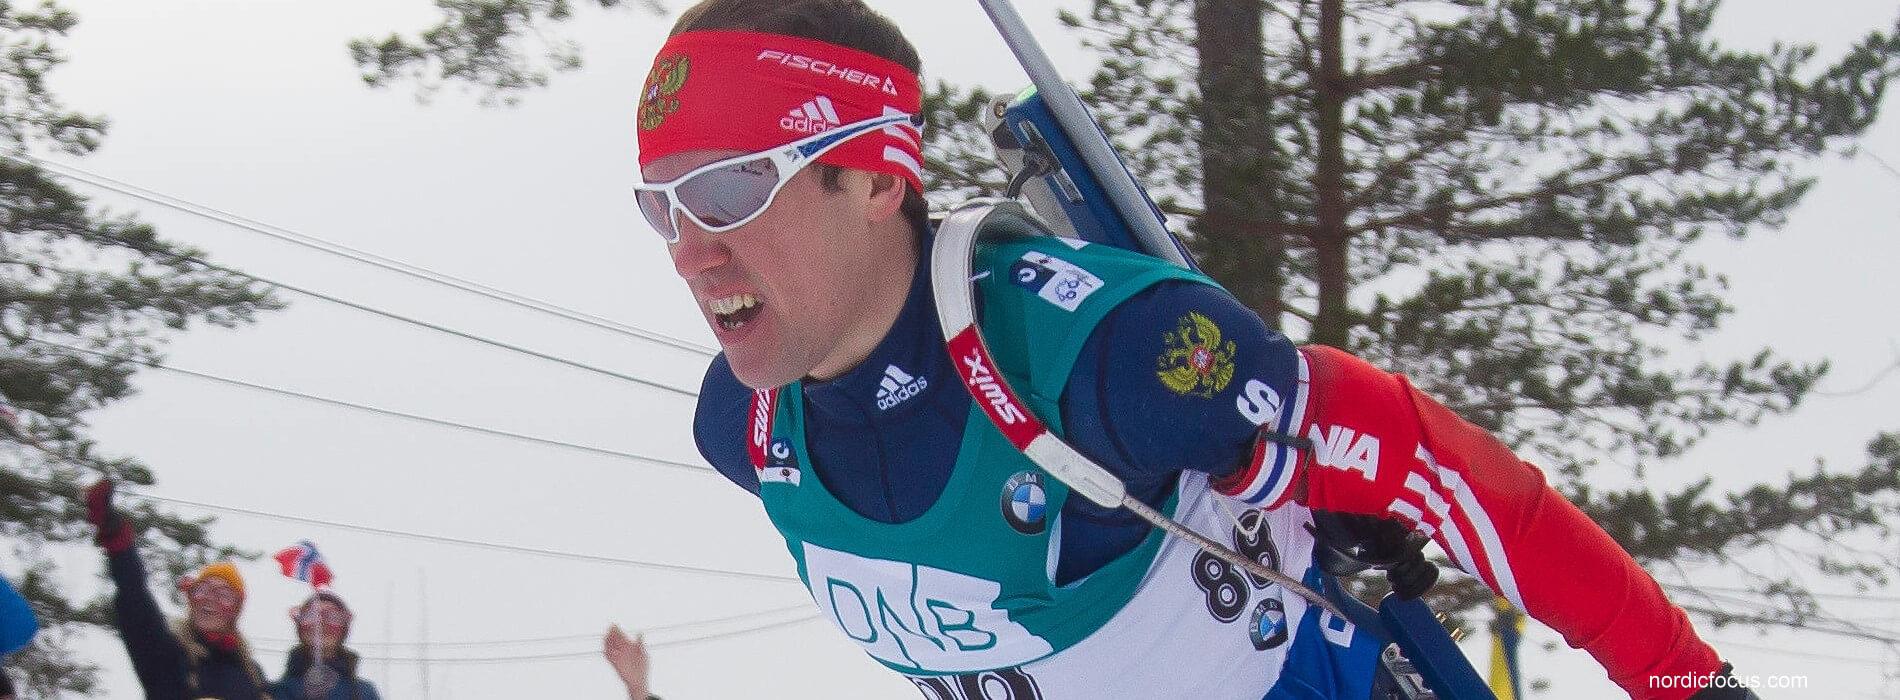 biathlononline